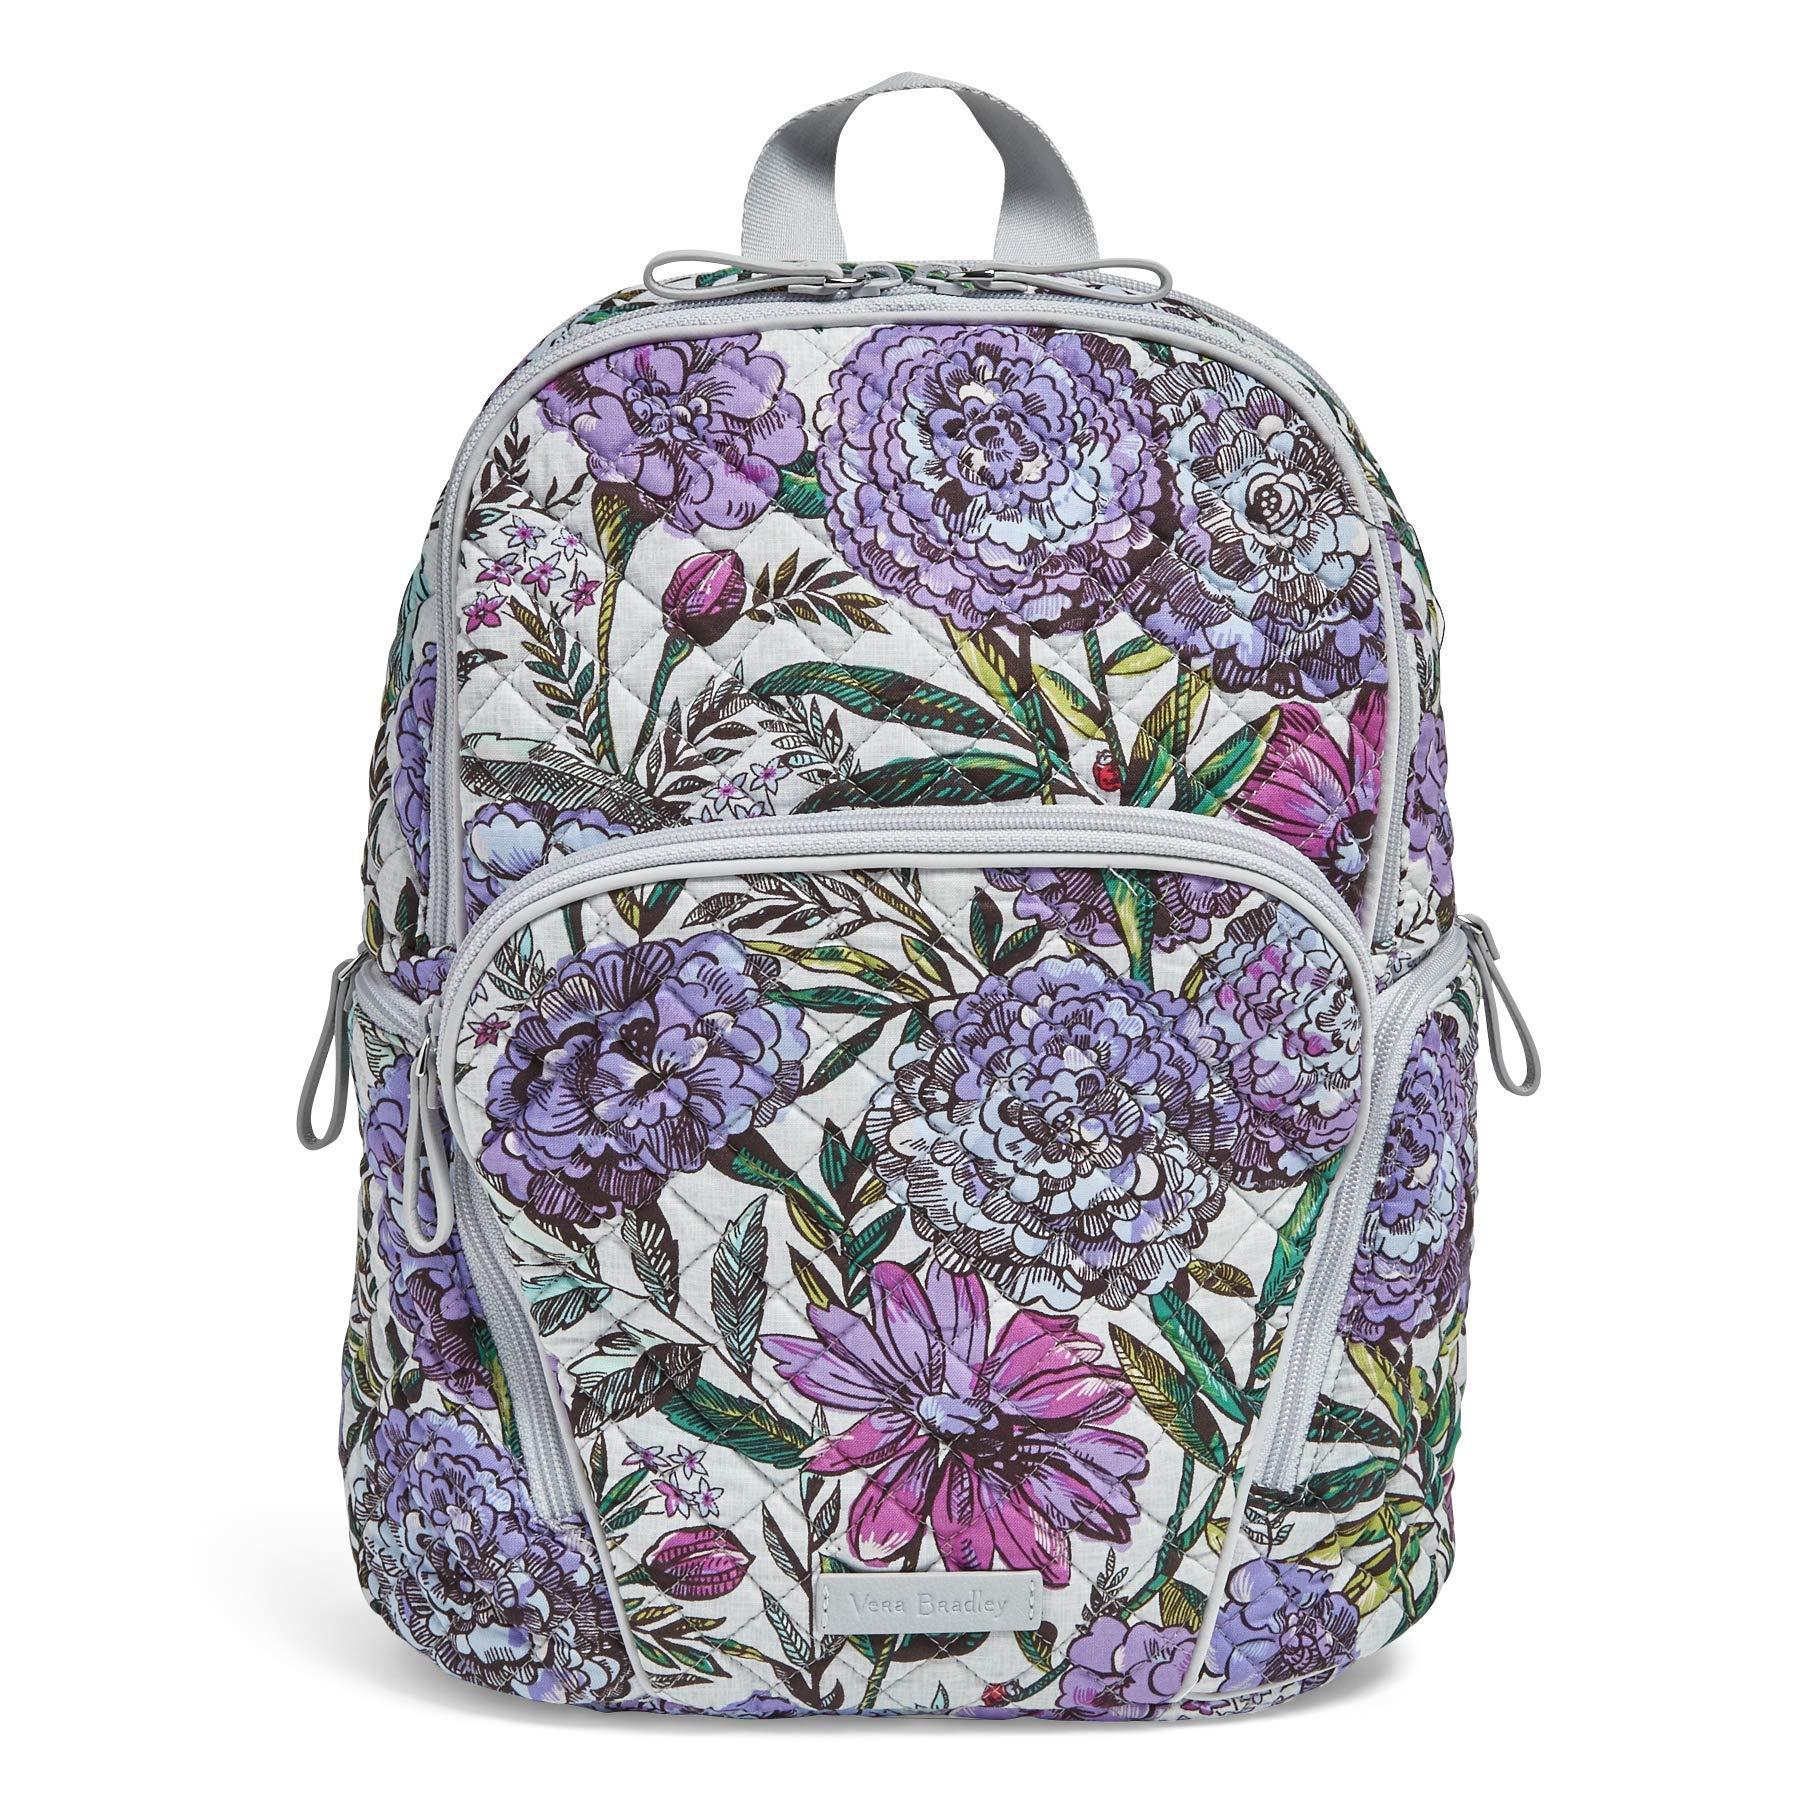 Vera Bradley Hadley Backpack, Signature Cotton, Lavender Meadow by Vera Bradley